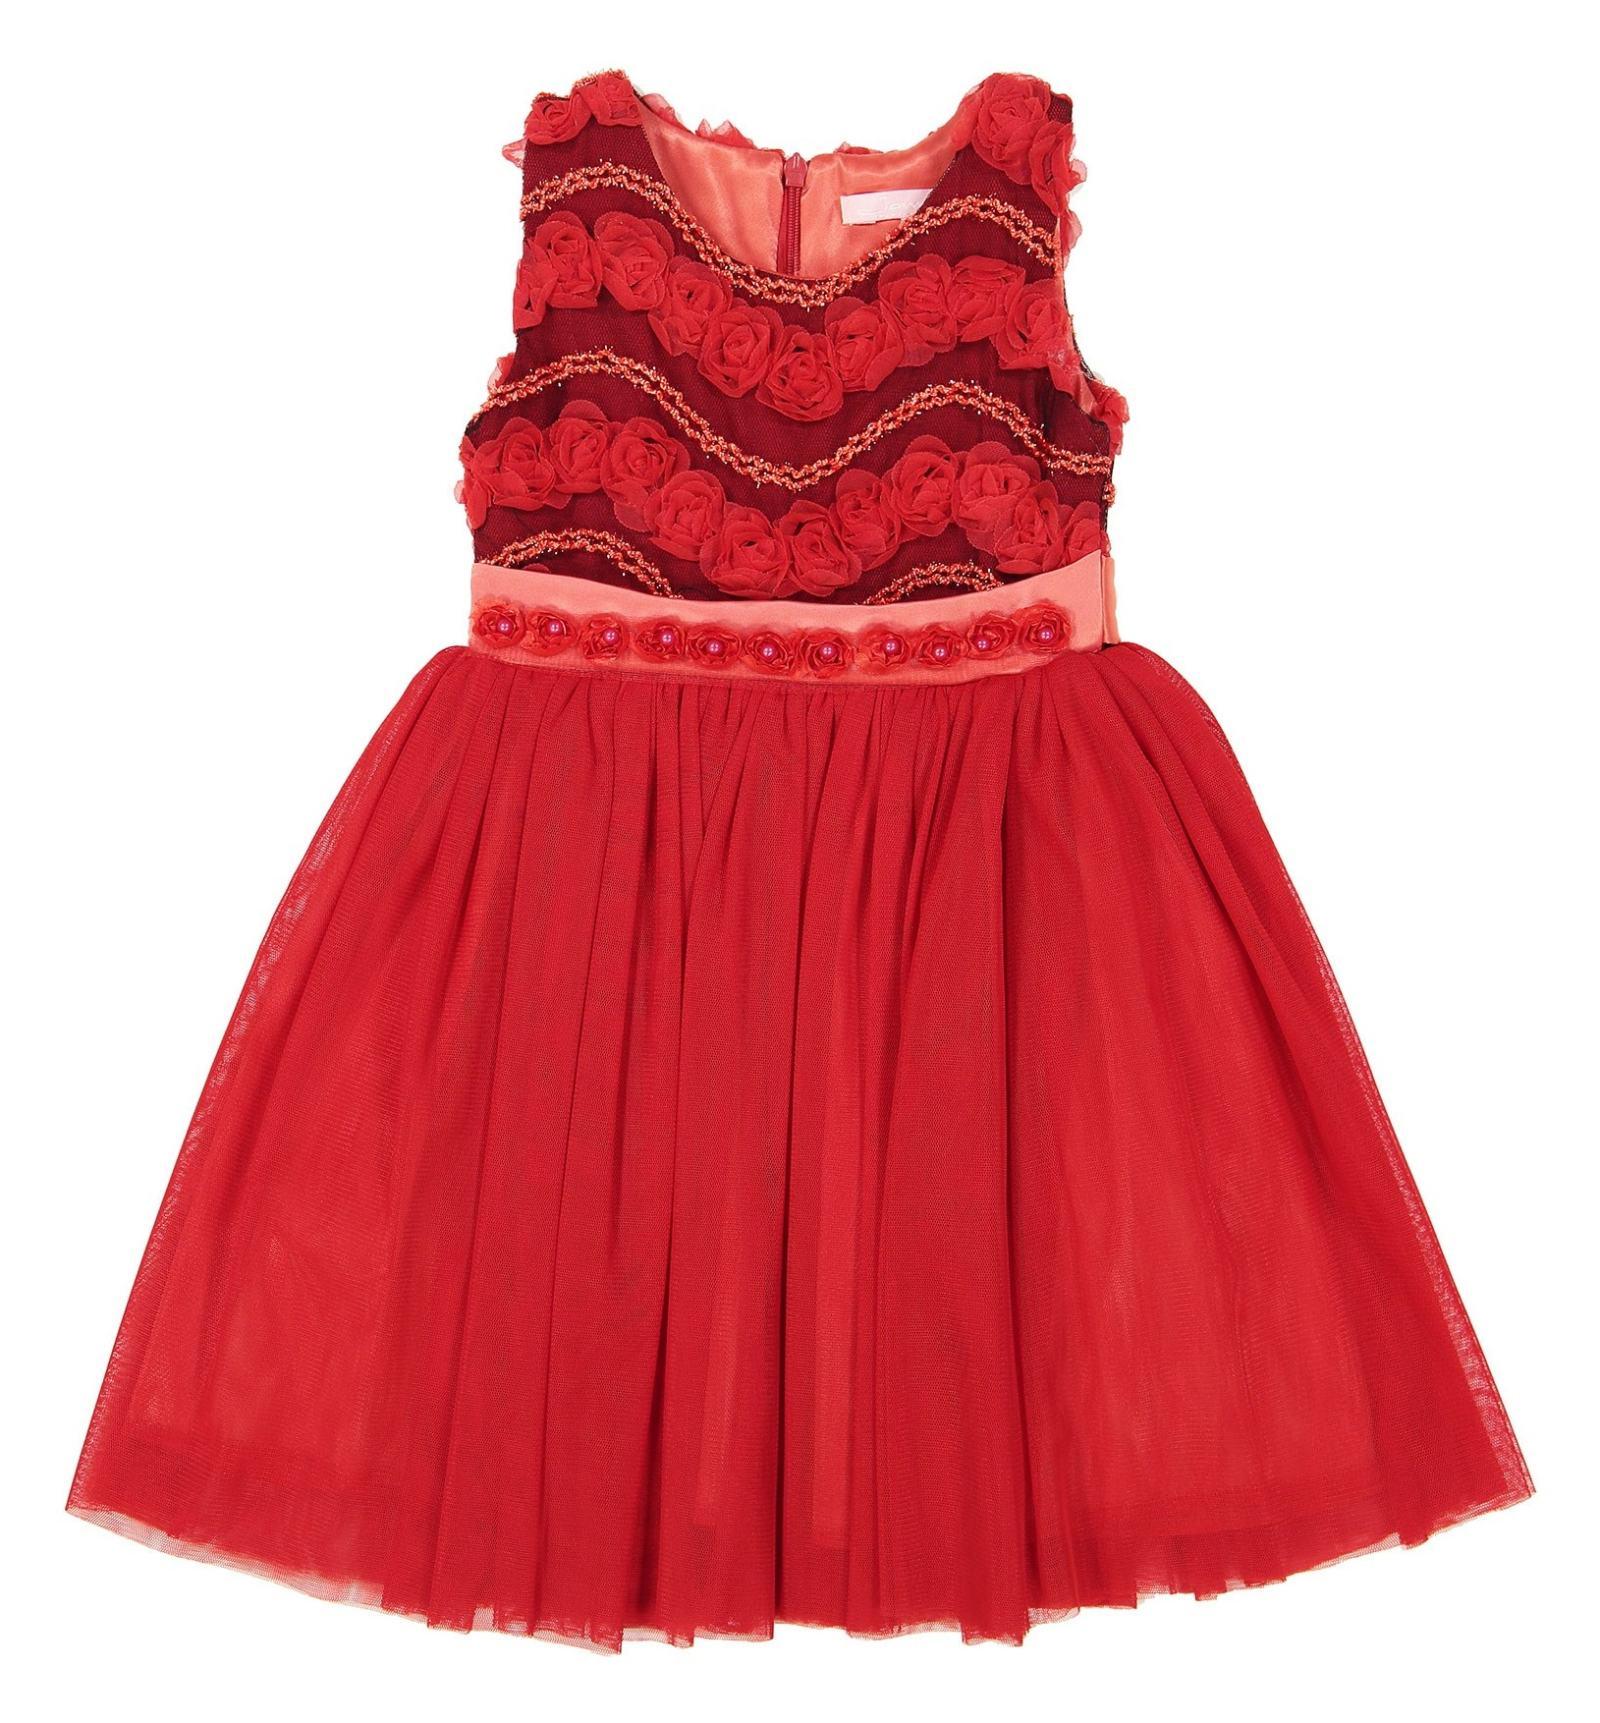 پیراهن مهمانی دخترانه - جم گل - قرمز  - 2